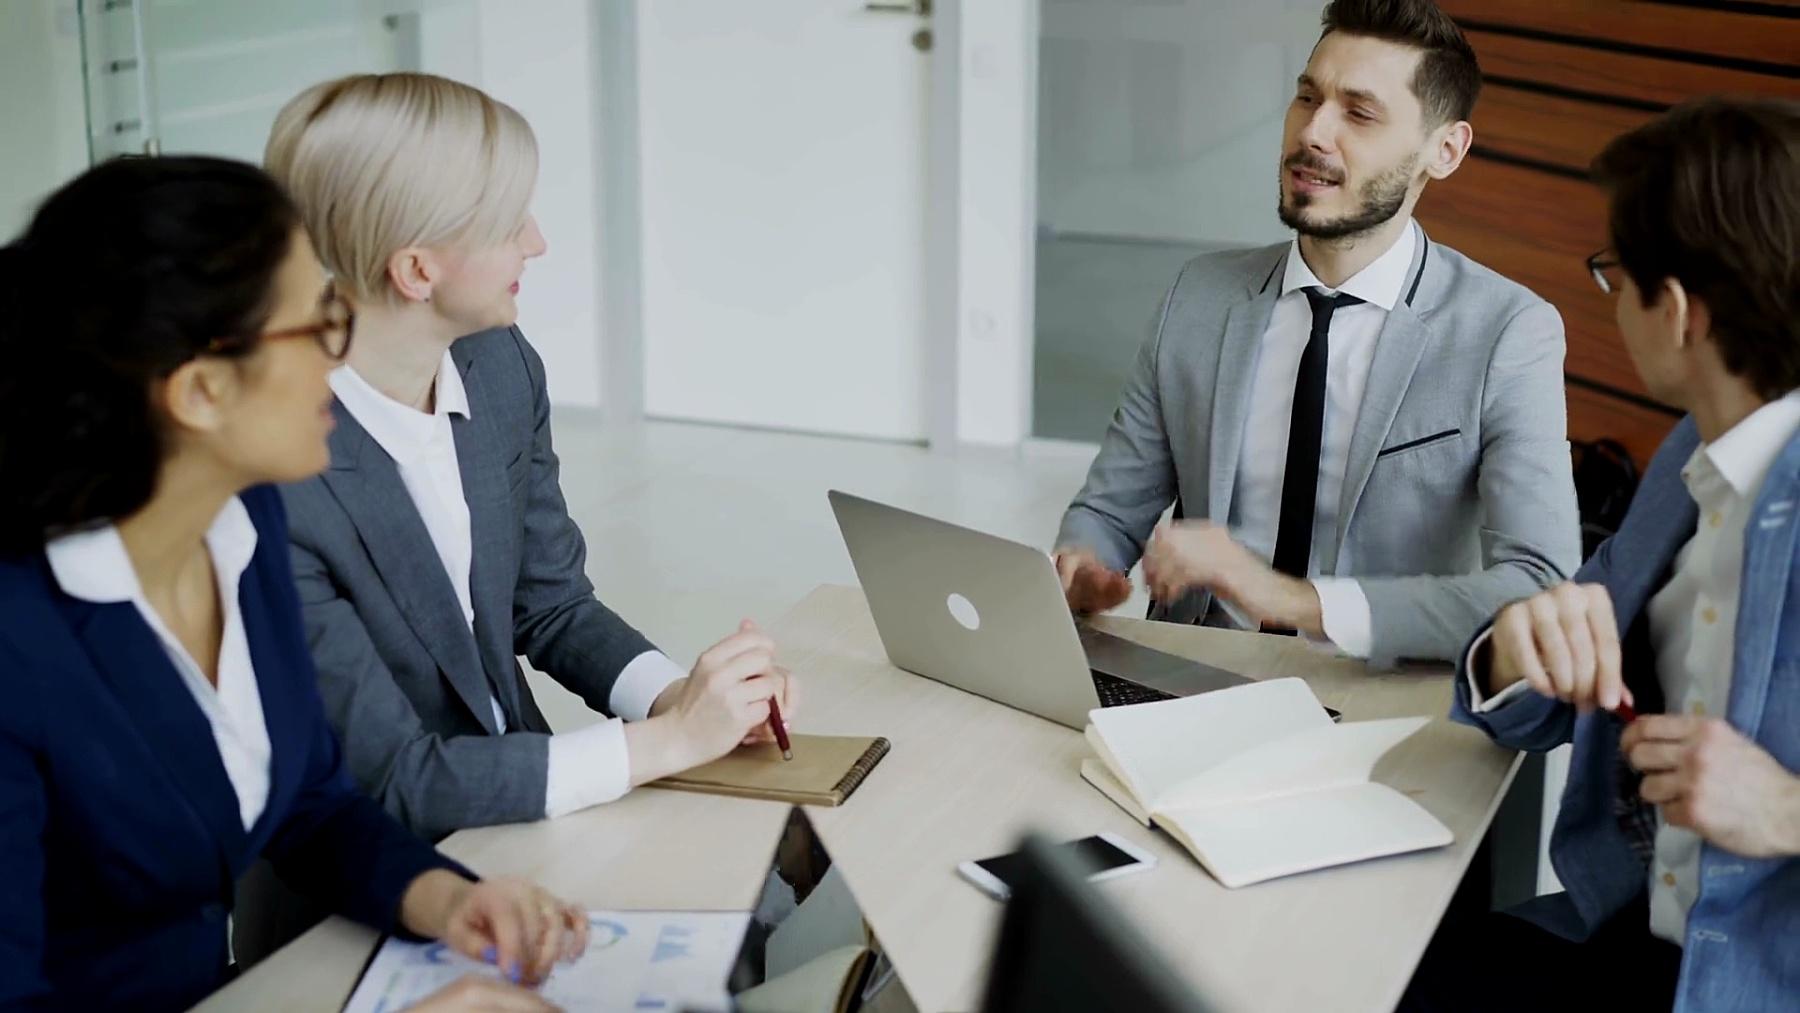 执行经理在办公室会议室与坐在桌子旁的同事讨论业务计划